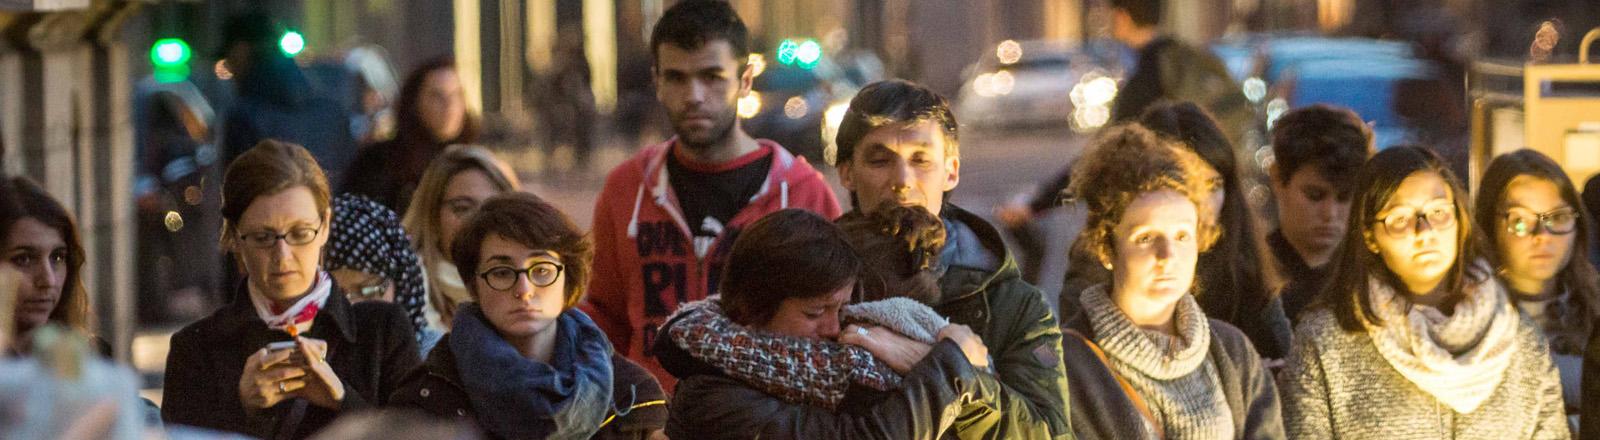 Gedenken an die Opfer der Anschläge in Lyon